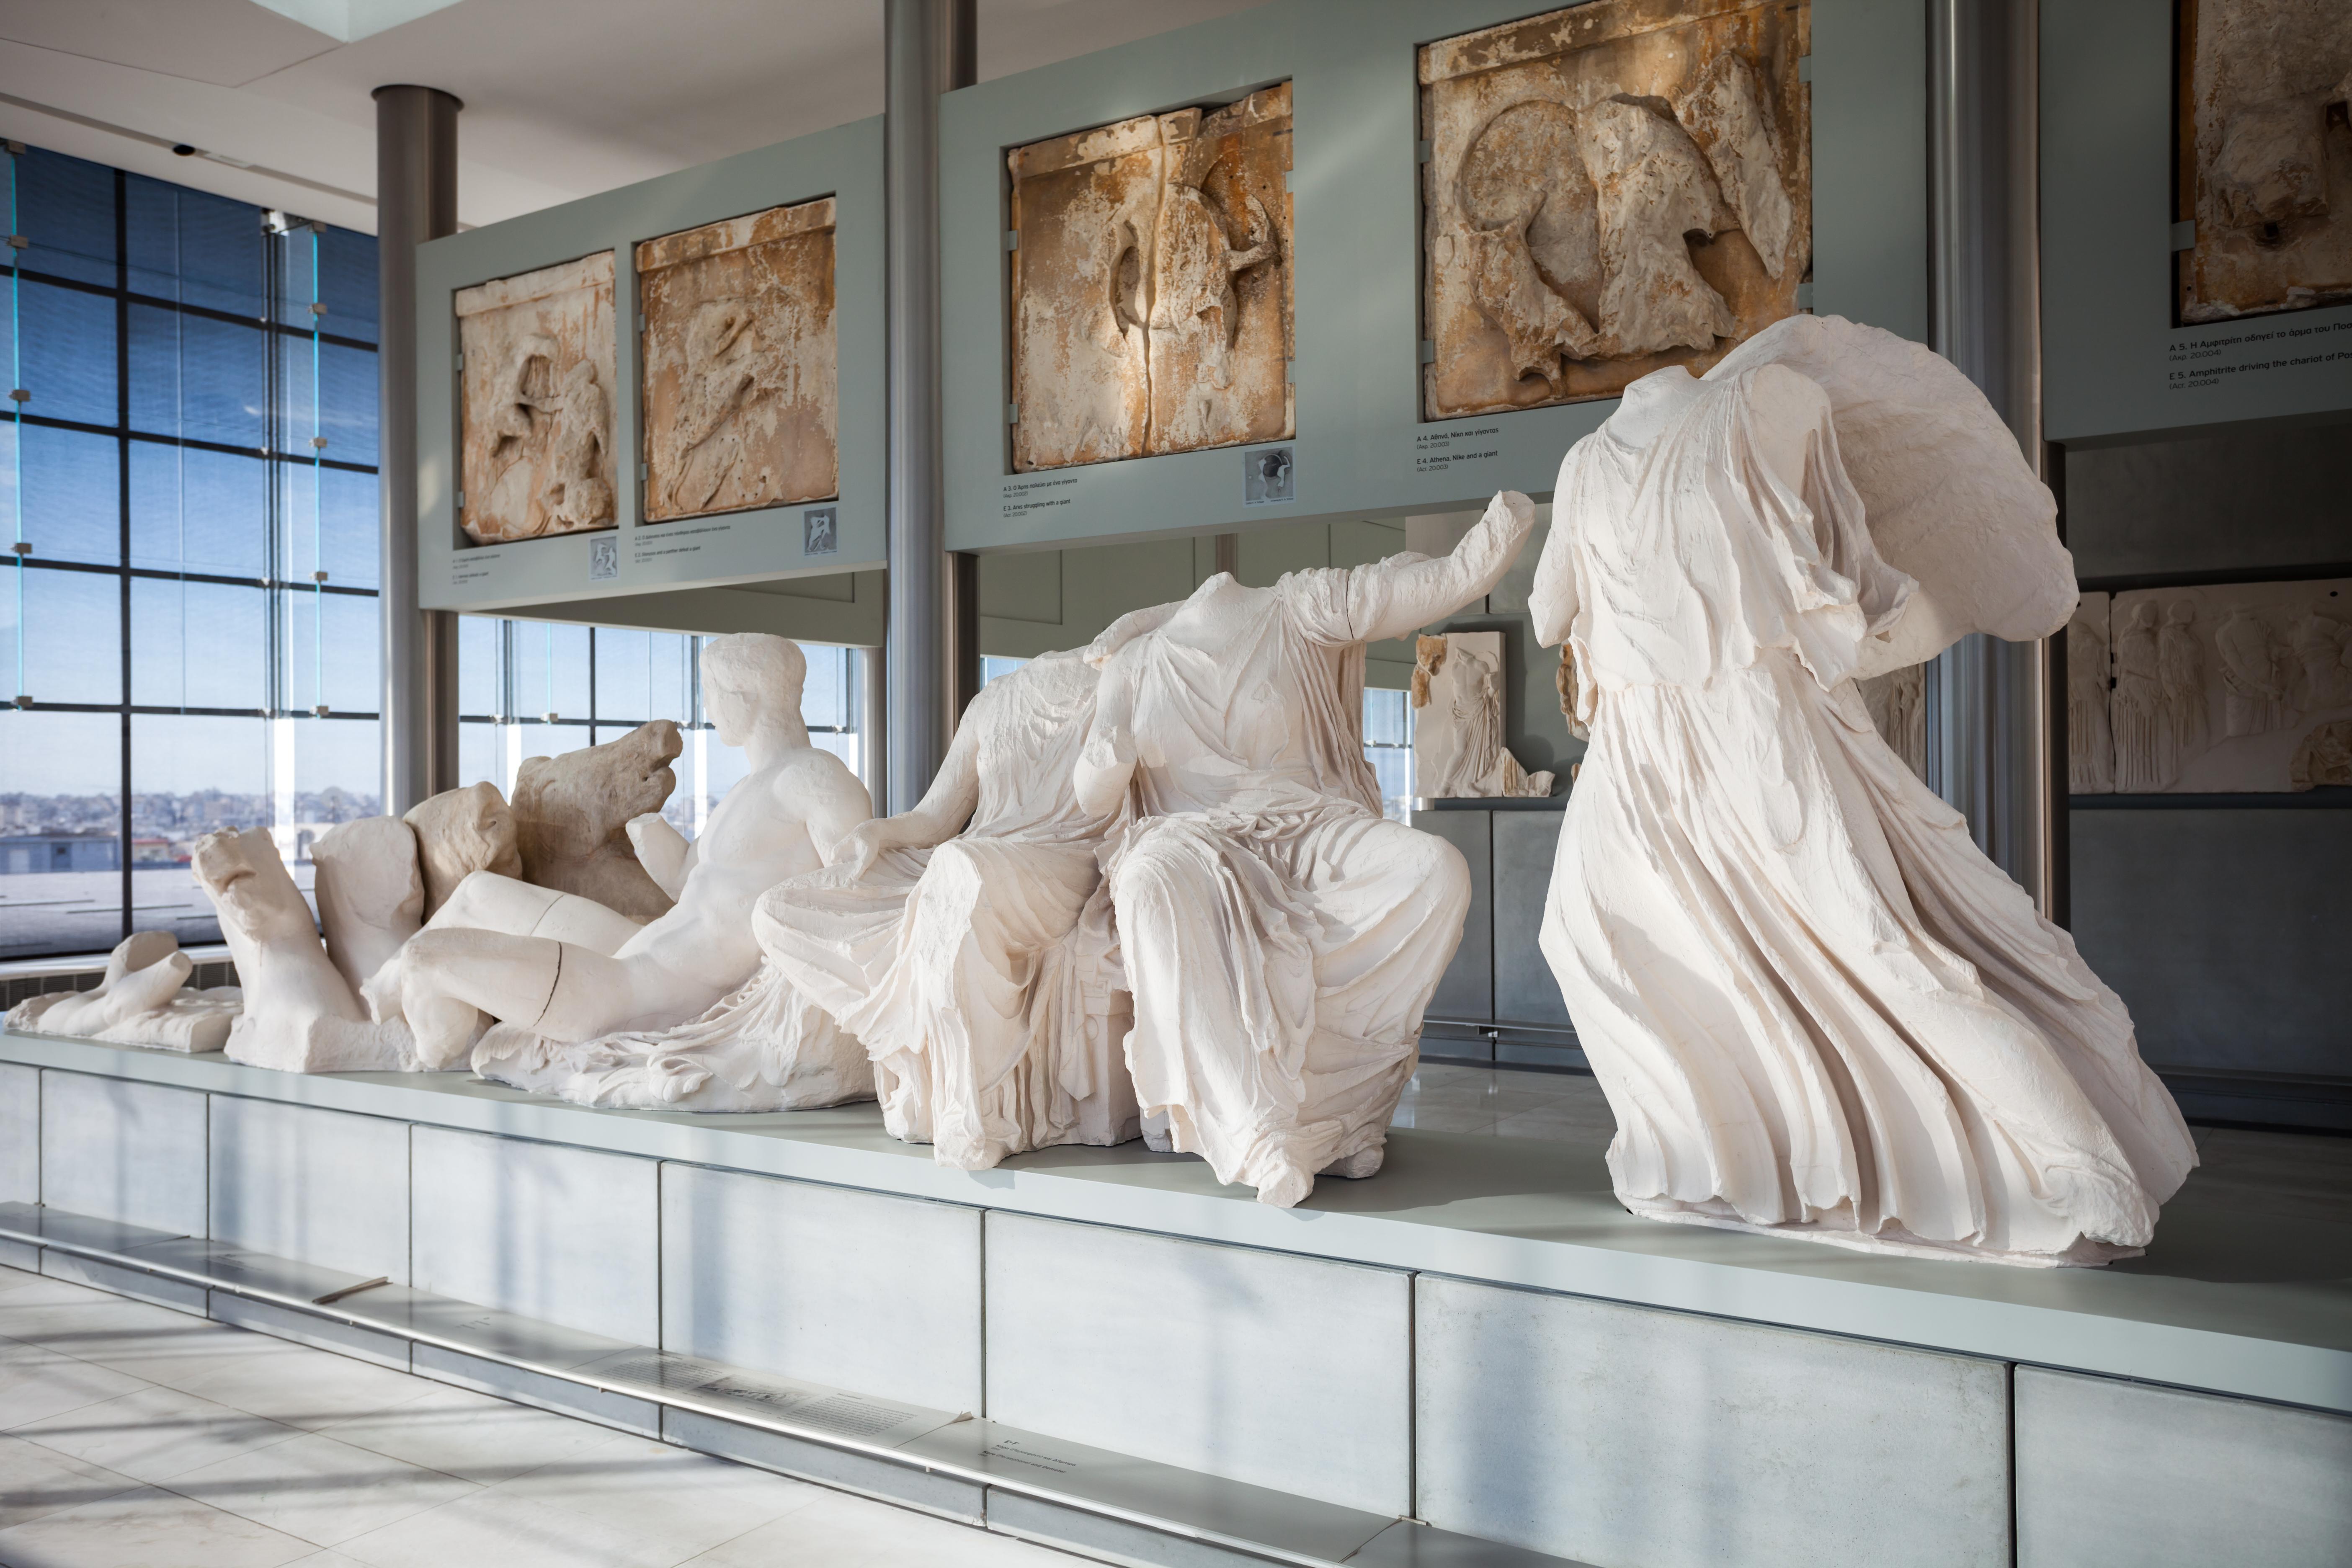 La magia de la Acrópolis, fuera de la Acrópolis - Grecia Circuito Atenas, Islas Griegas y Grecia Clásica